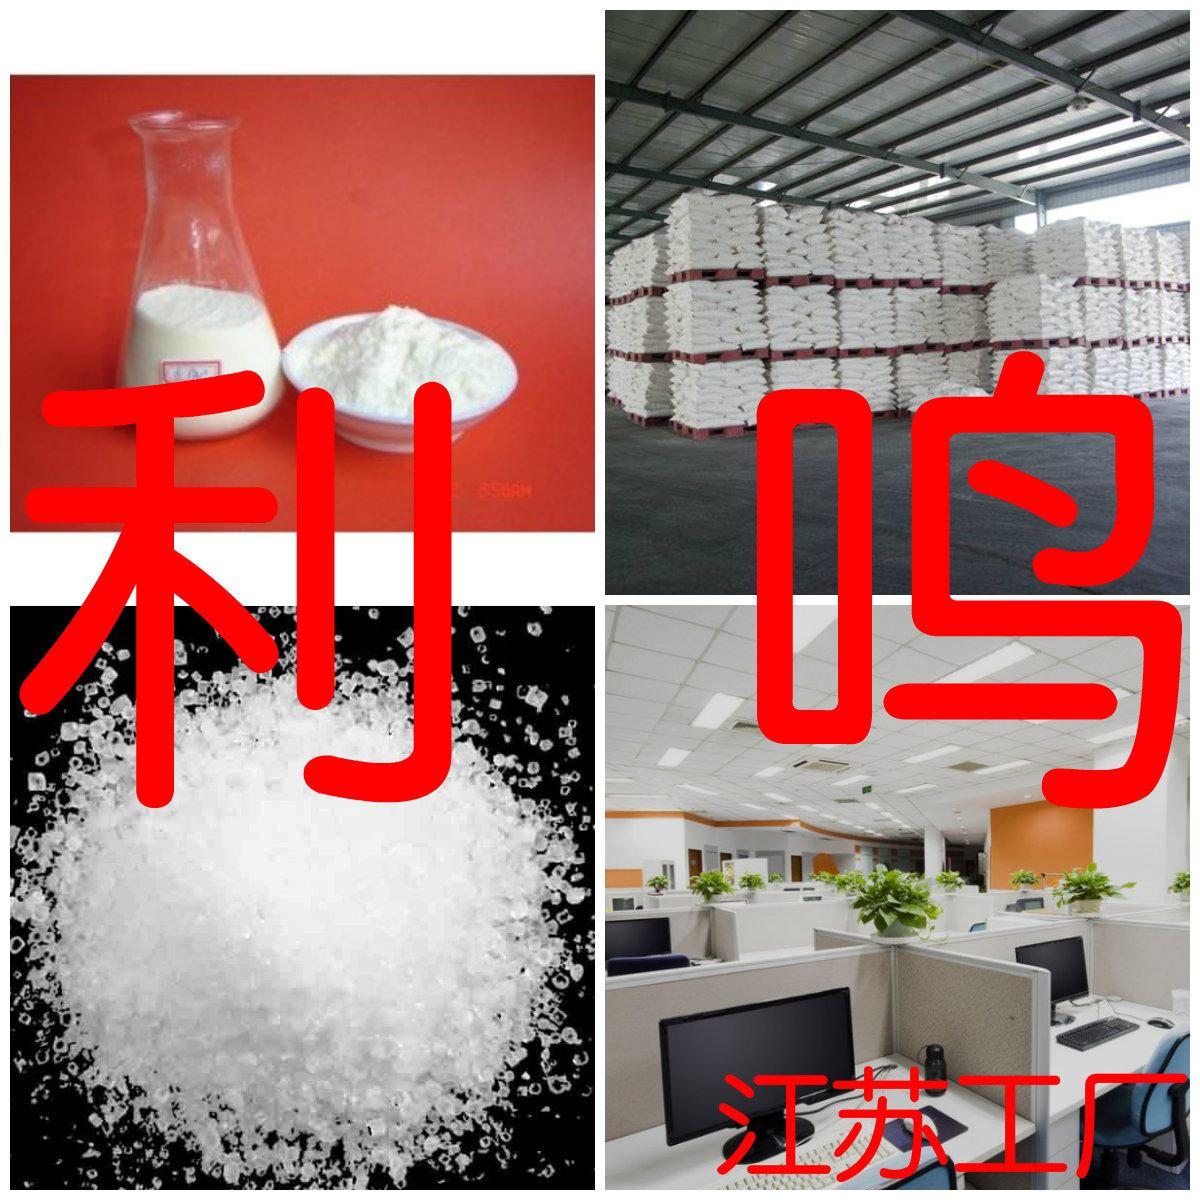 二甲基氨基丙烯酸盐 量大优惠 诚信经营 发货及时 淄博工厂 山东